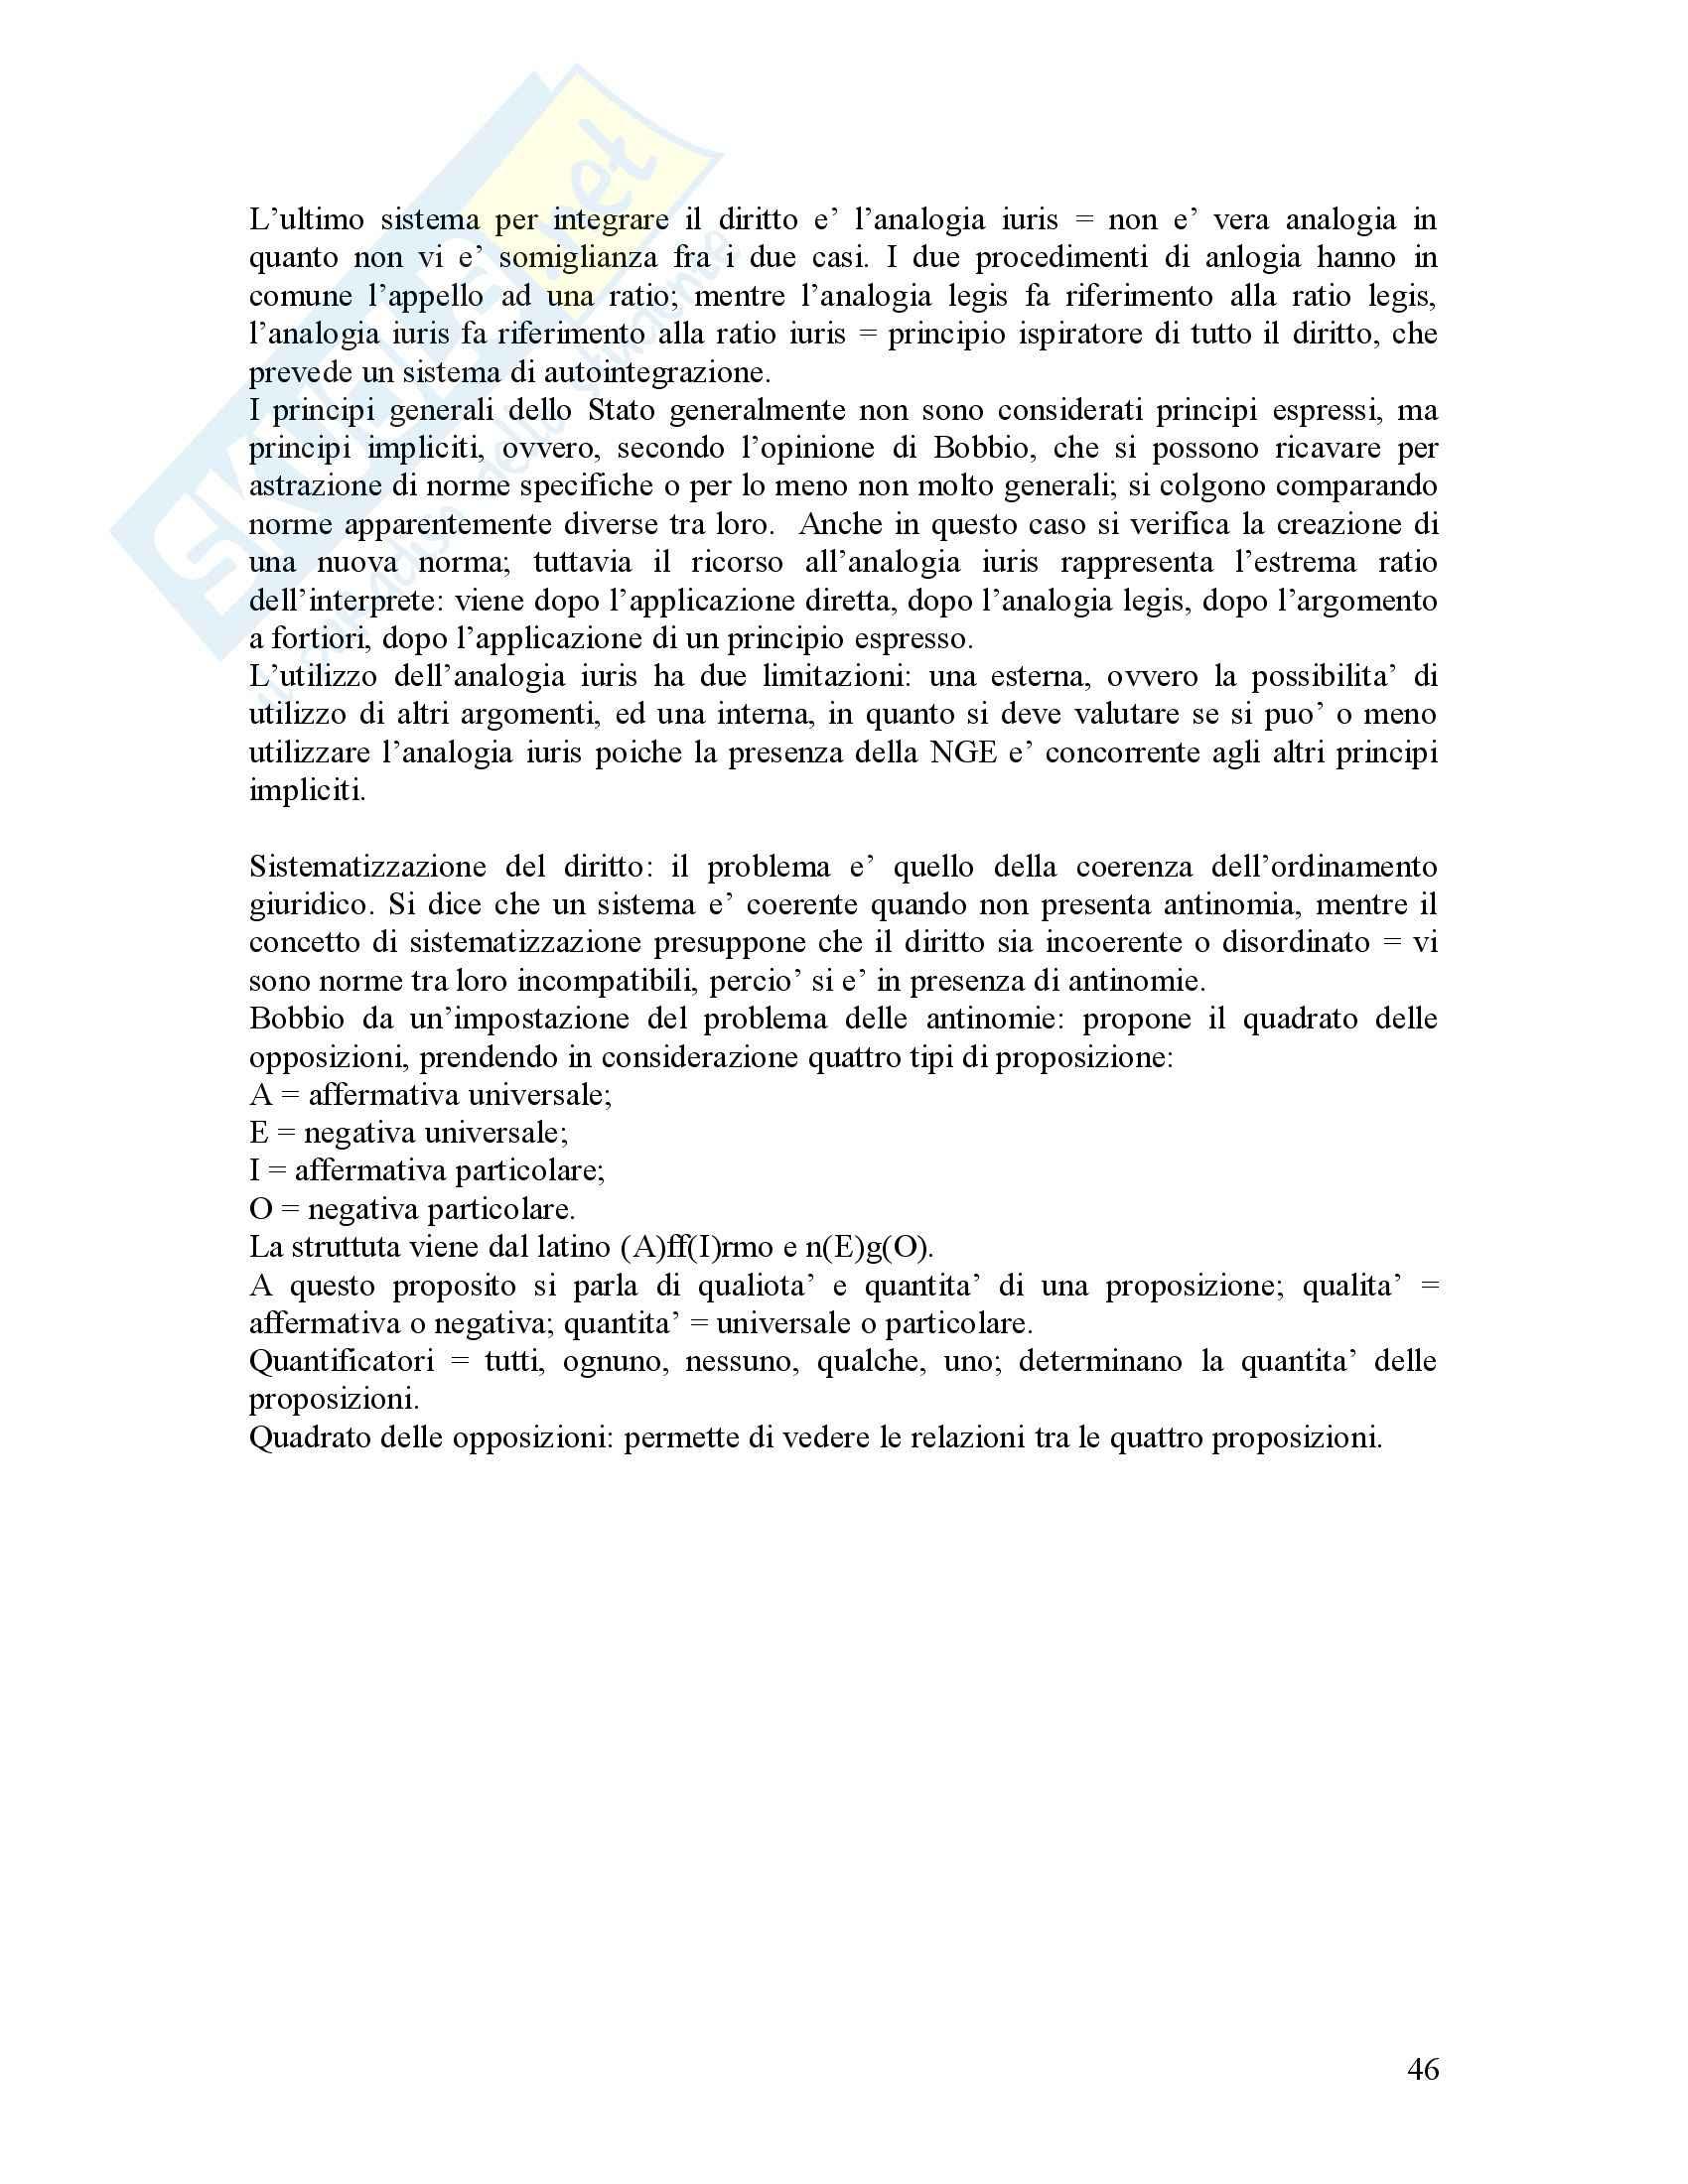 Filosofia del diritto - Riassunto esame, prof. Bongiovanni Pag. 46